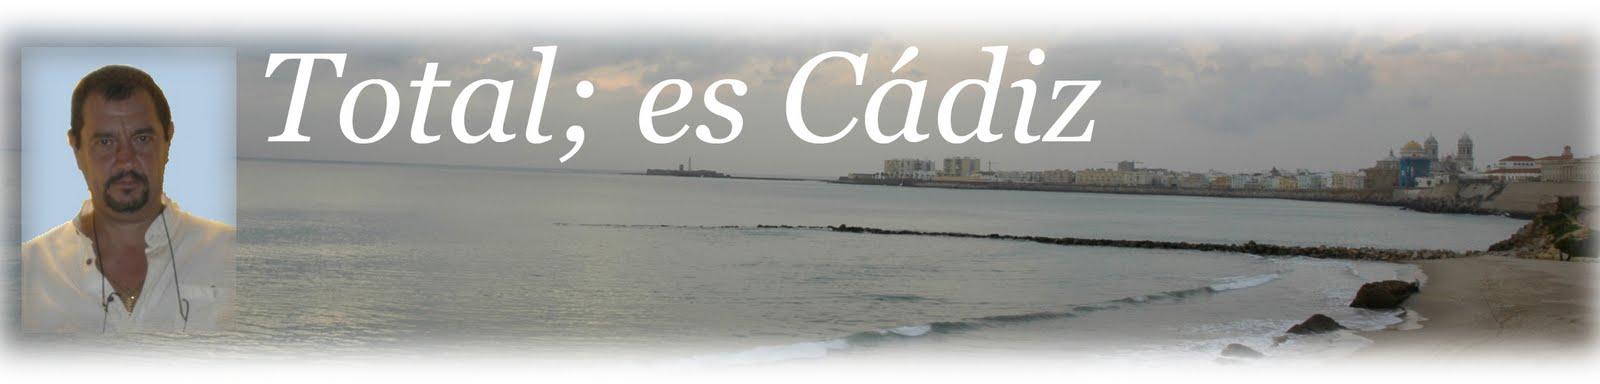 Total, esto es Cádiz.